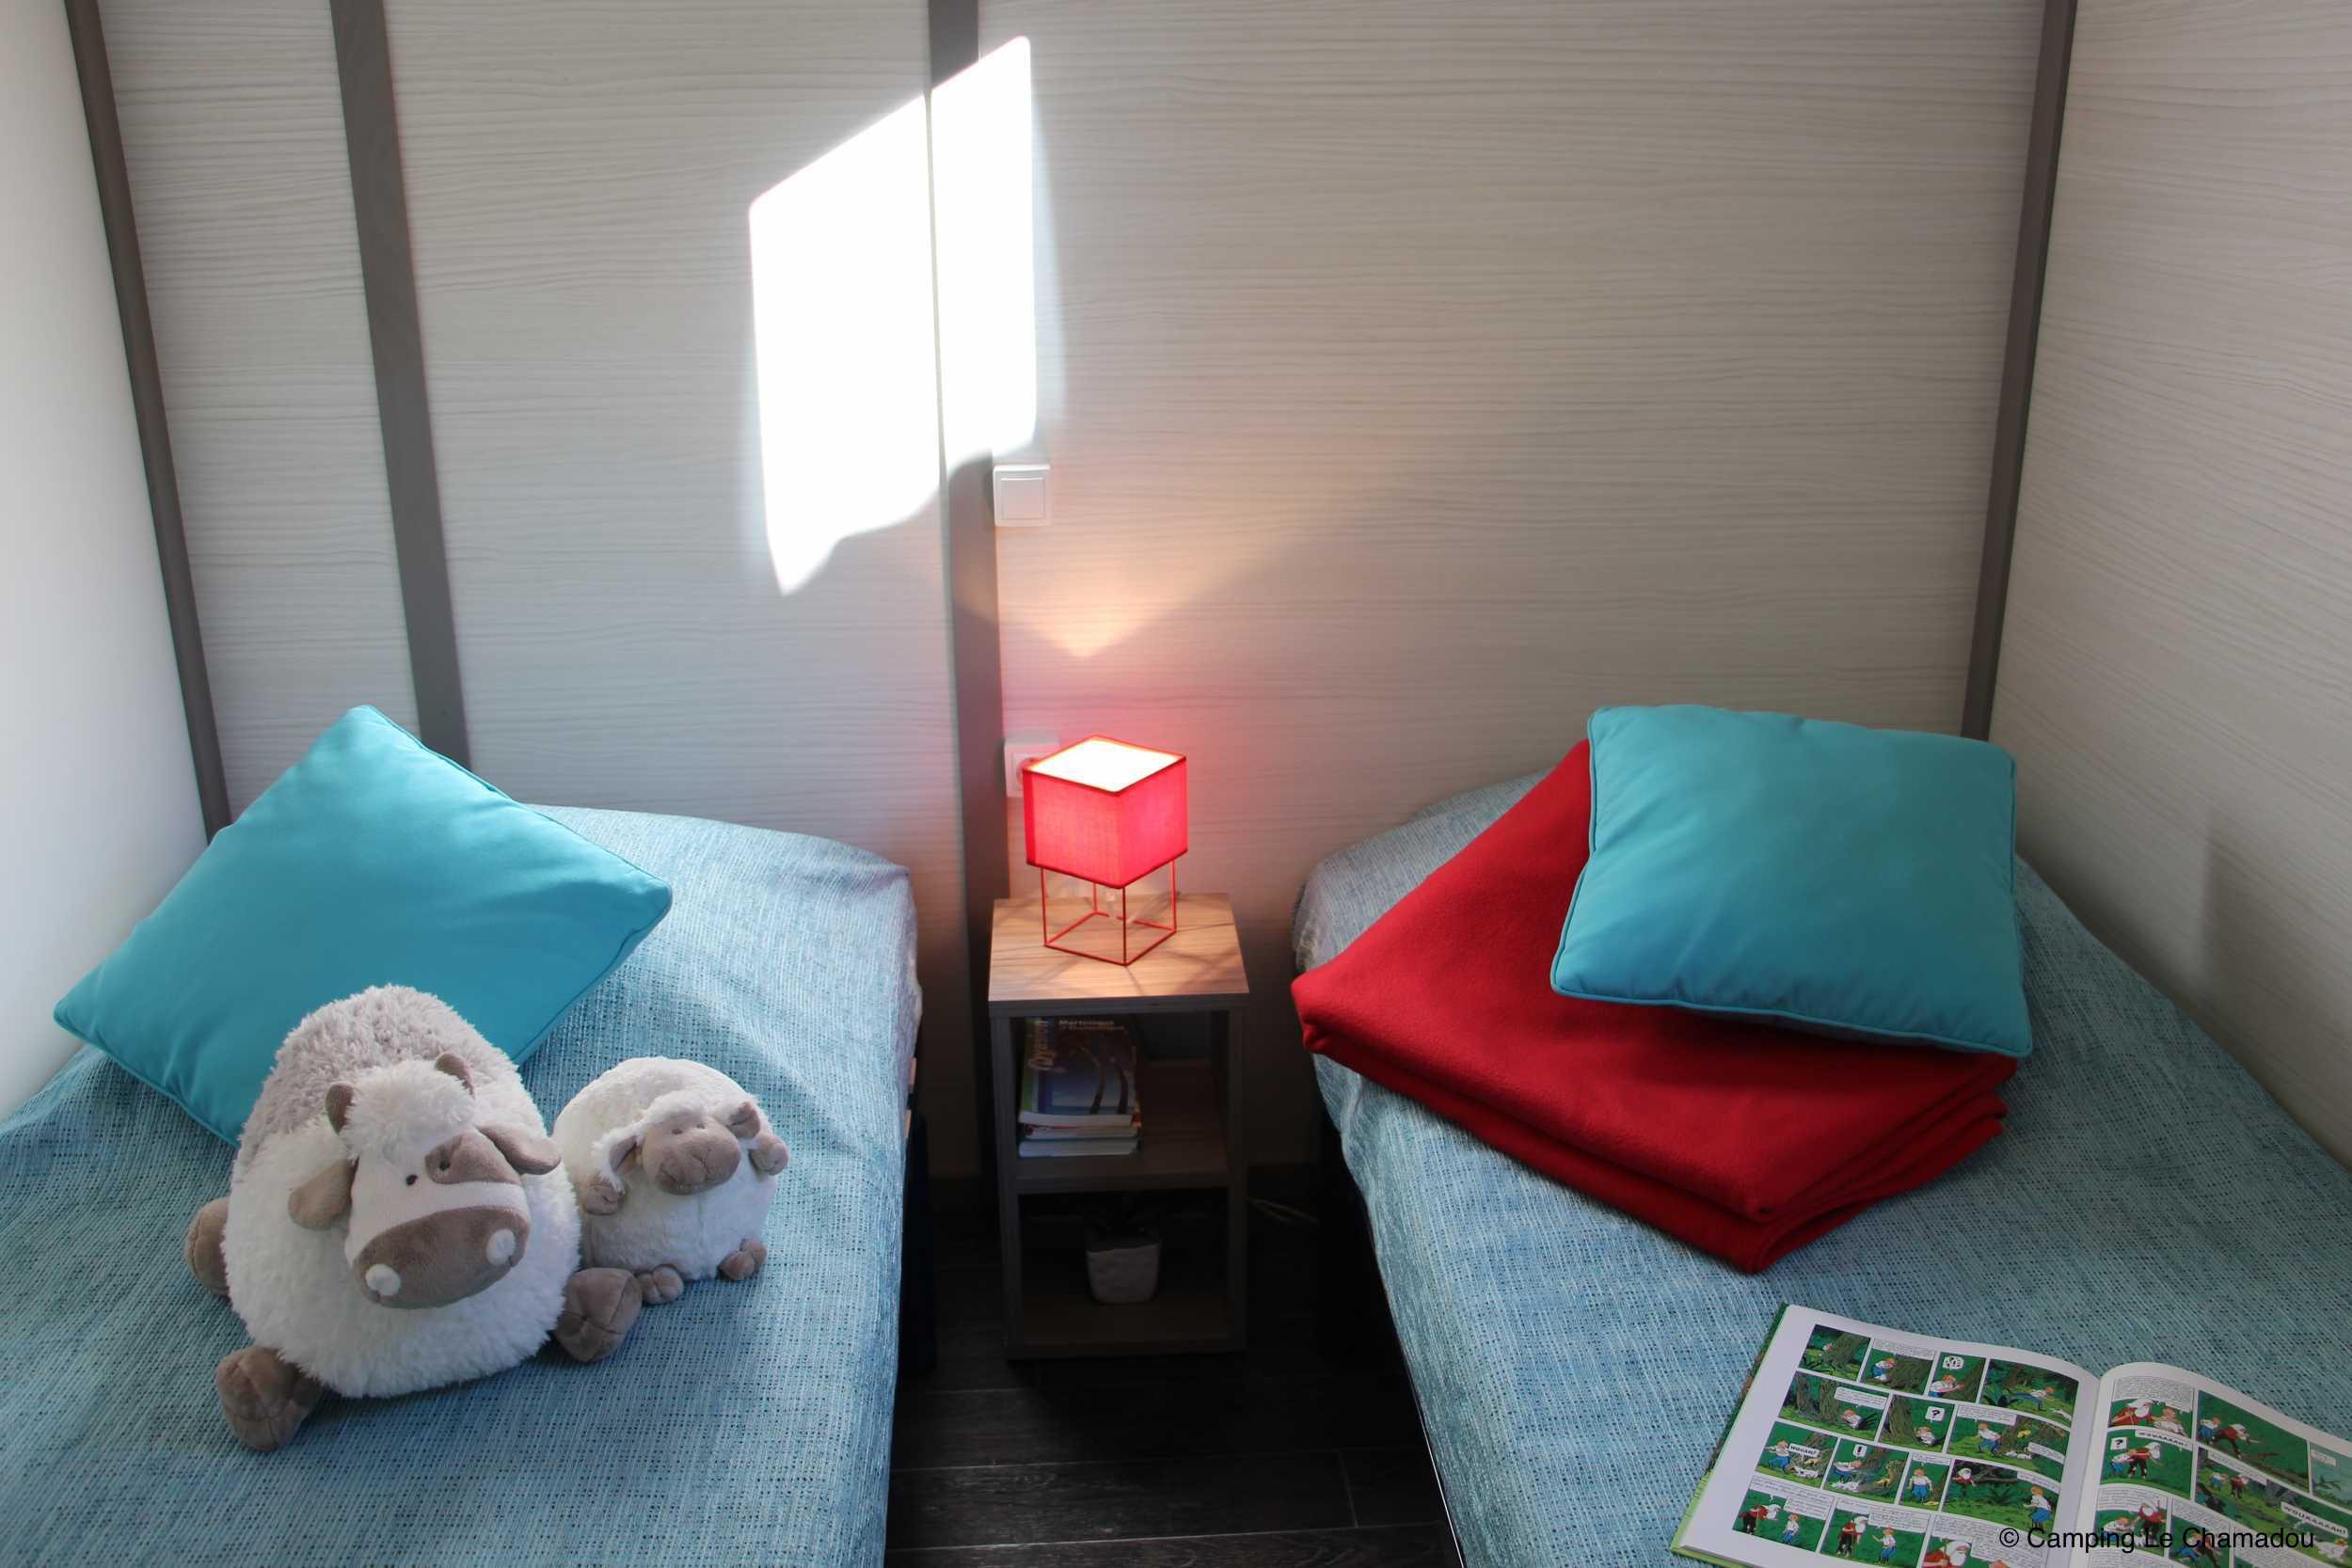 CampingLeChamadou-sudardeche-4etoiles-locations-elite7.jpg